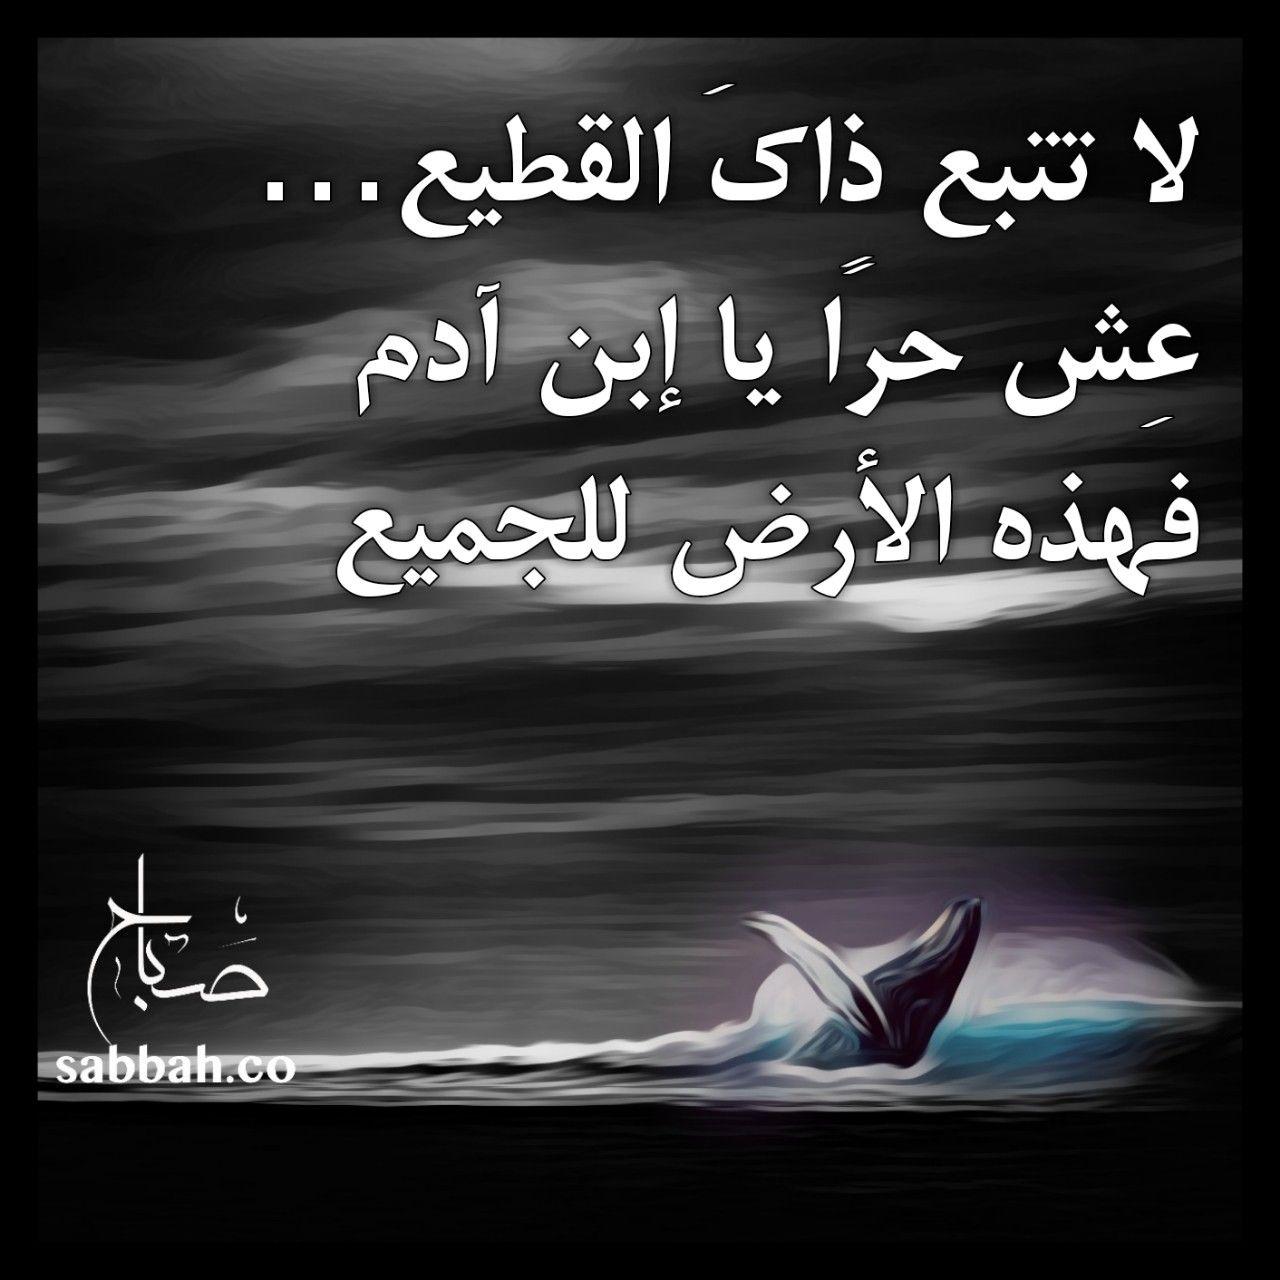 لا تتبع ذاك القطيع ع ش حر ا يا إبن آدم فهذه الأرض للجميع أسعد الله مسائكم Qoutes Words Poster